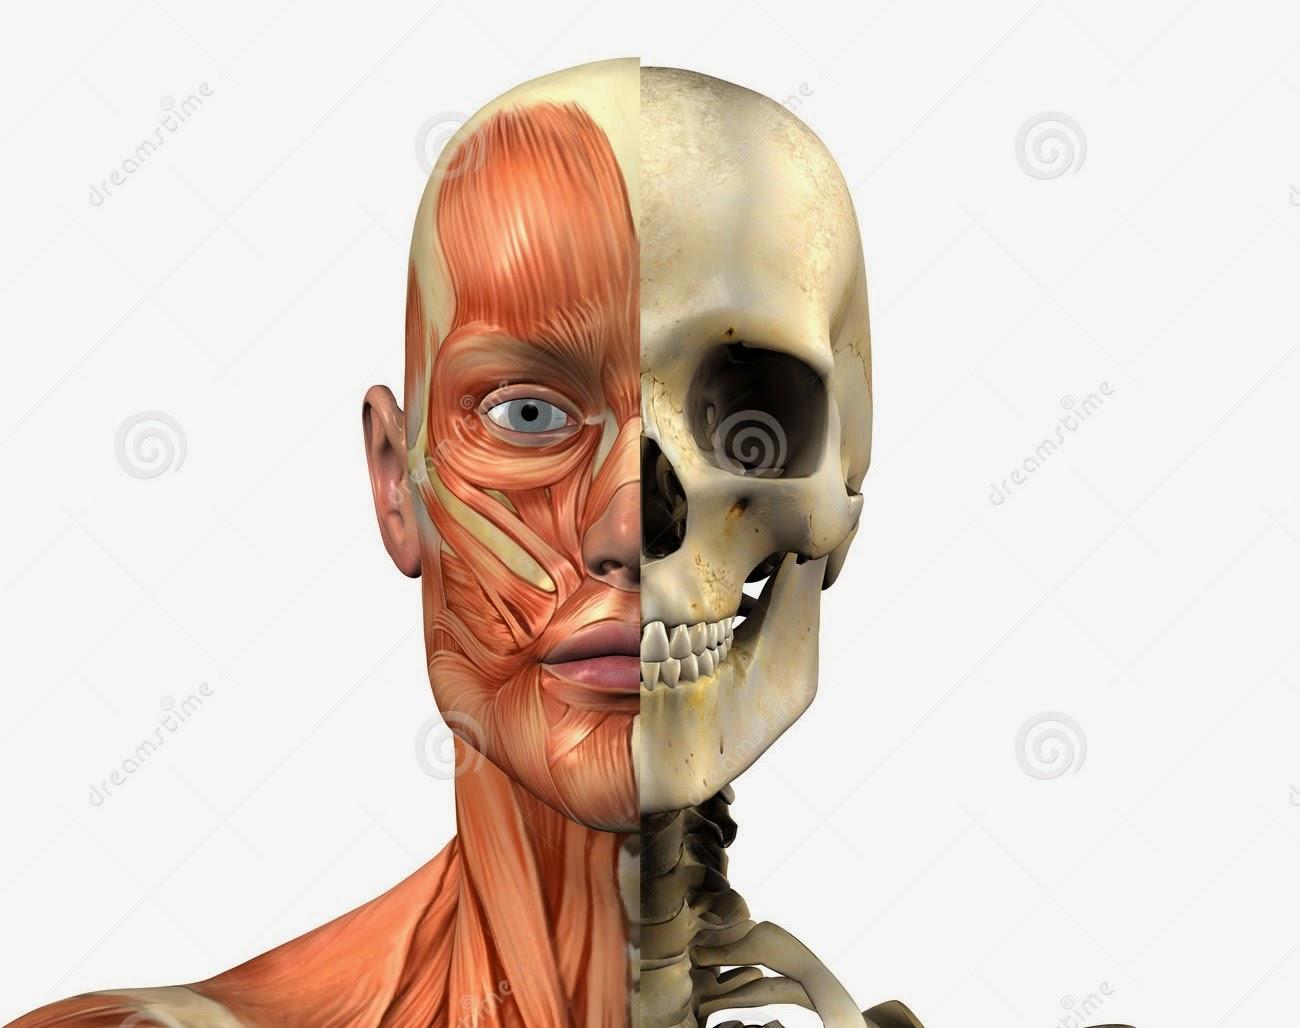 Único Anatomía Y Fisiología Cráneo Humano Embellecimiento - Anatomía ...